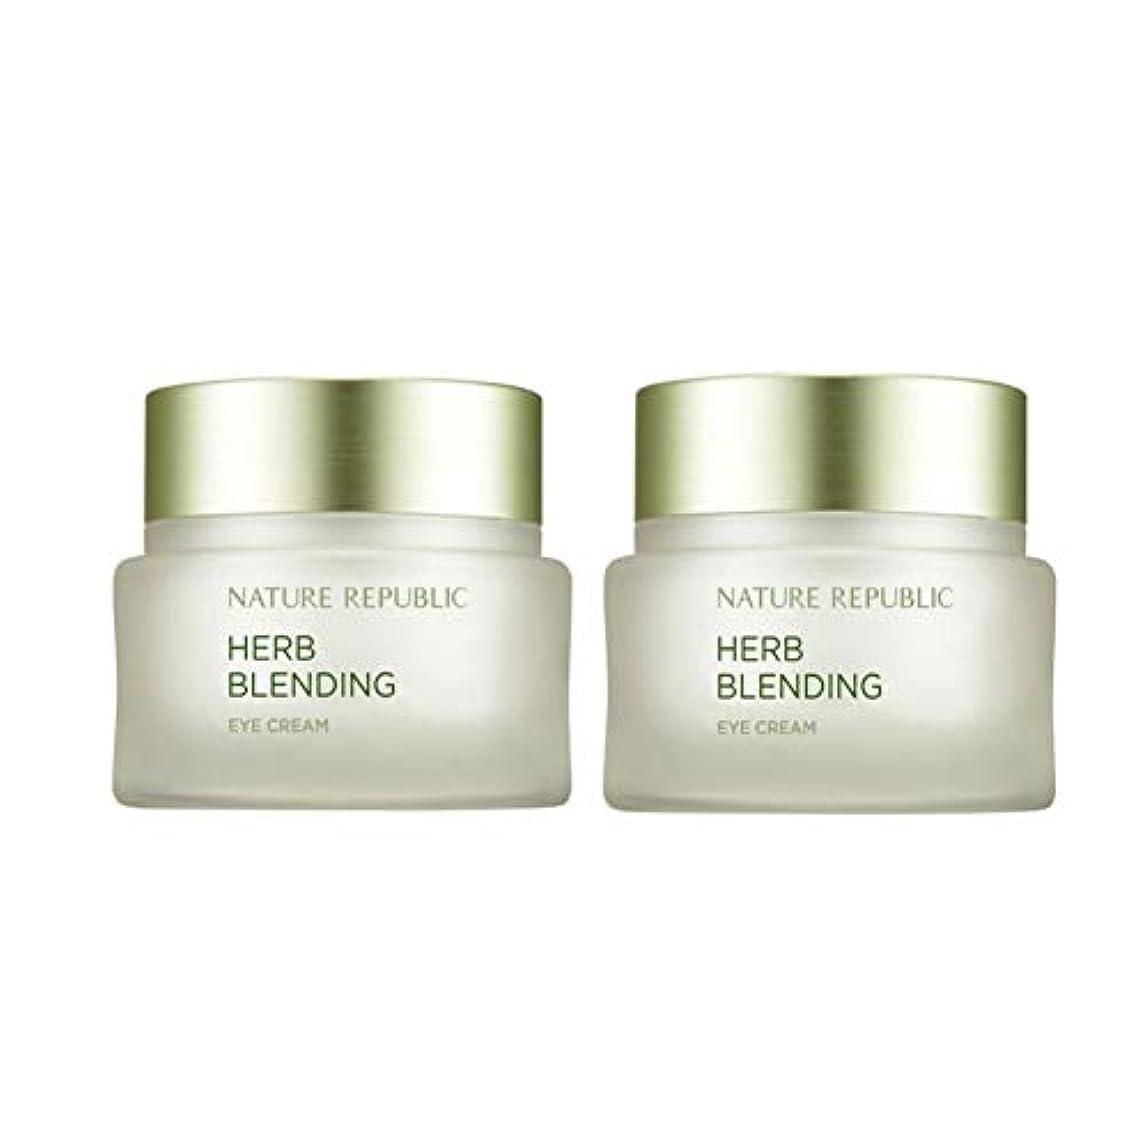 速報引退したバウンスネイチャーリパブリックハーブ?ブレンディングクリーム50mlx 2本セット韓国コスメ、Nature Republic Herb Blending Cream 50ml x 2ea Set Korean Cosmetics...